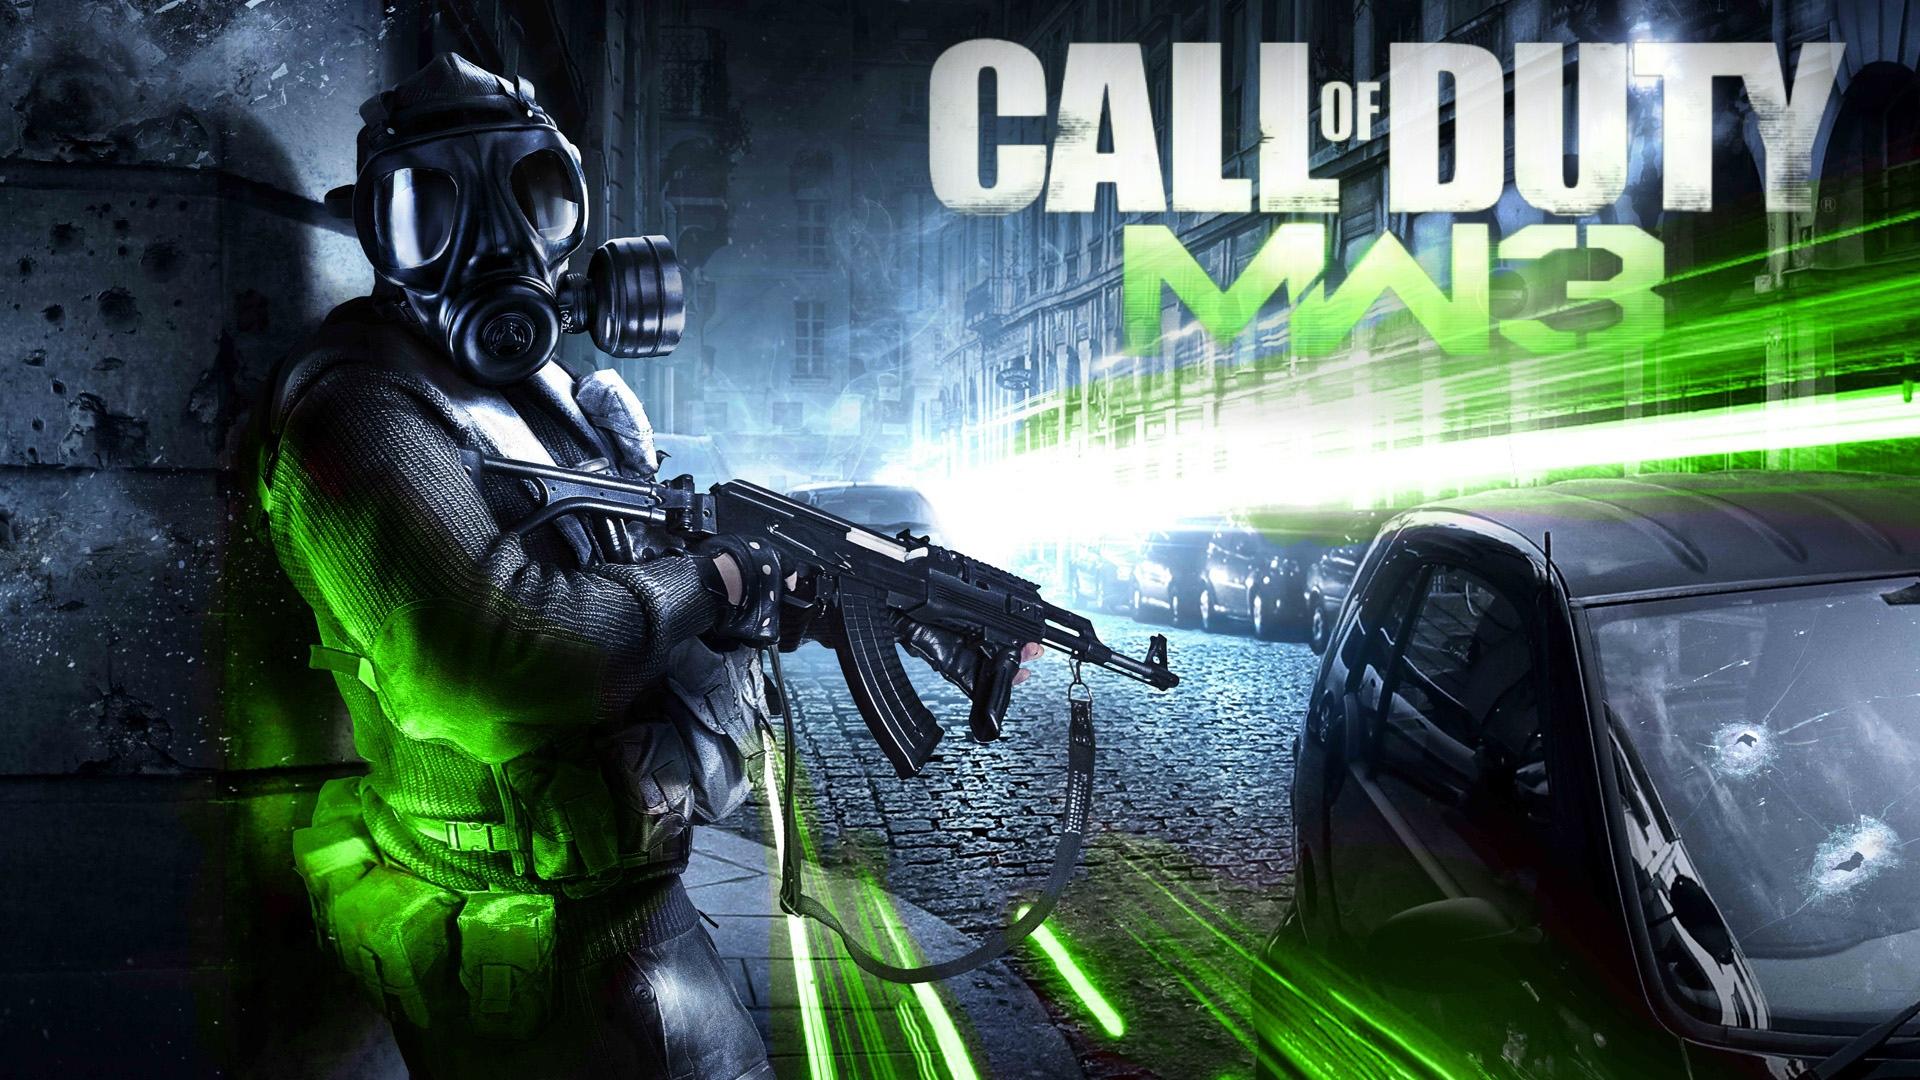 Call Of Duty Modern Warfare 3 Soldier Car